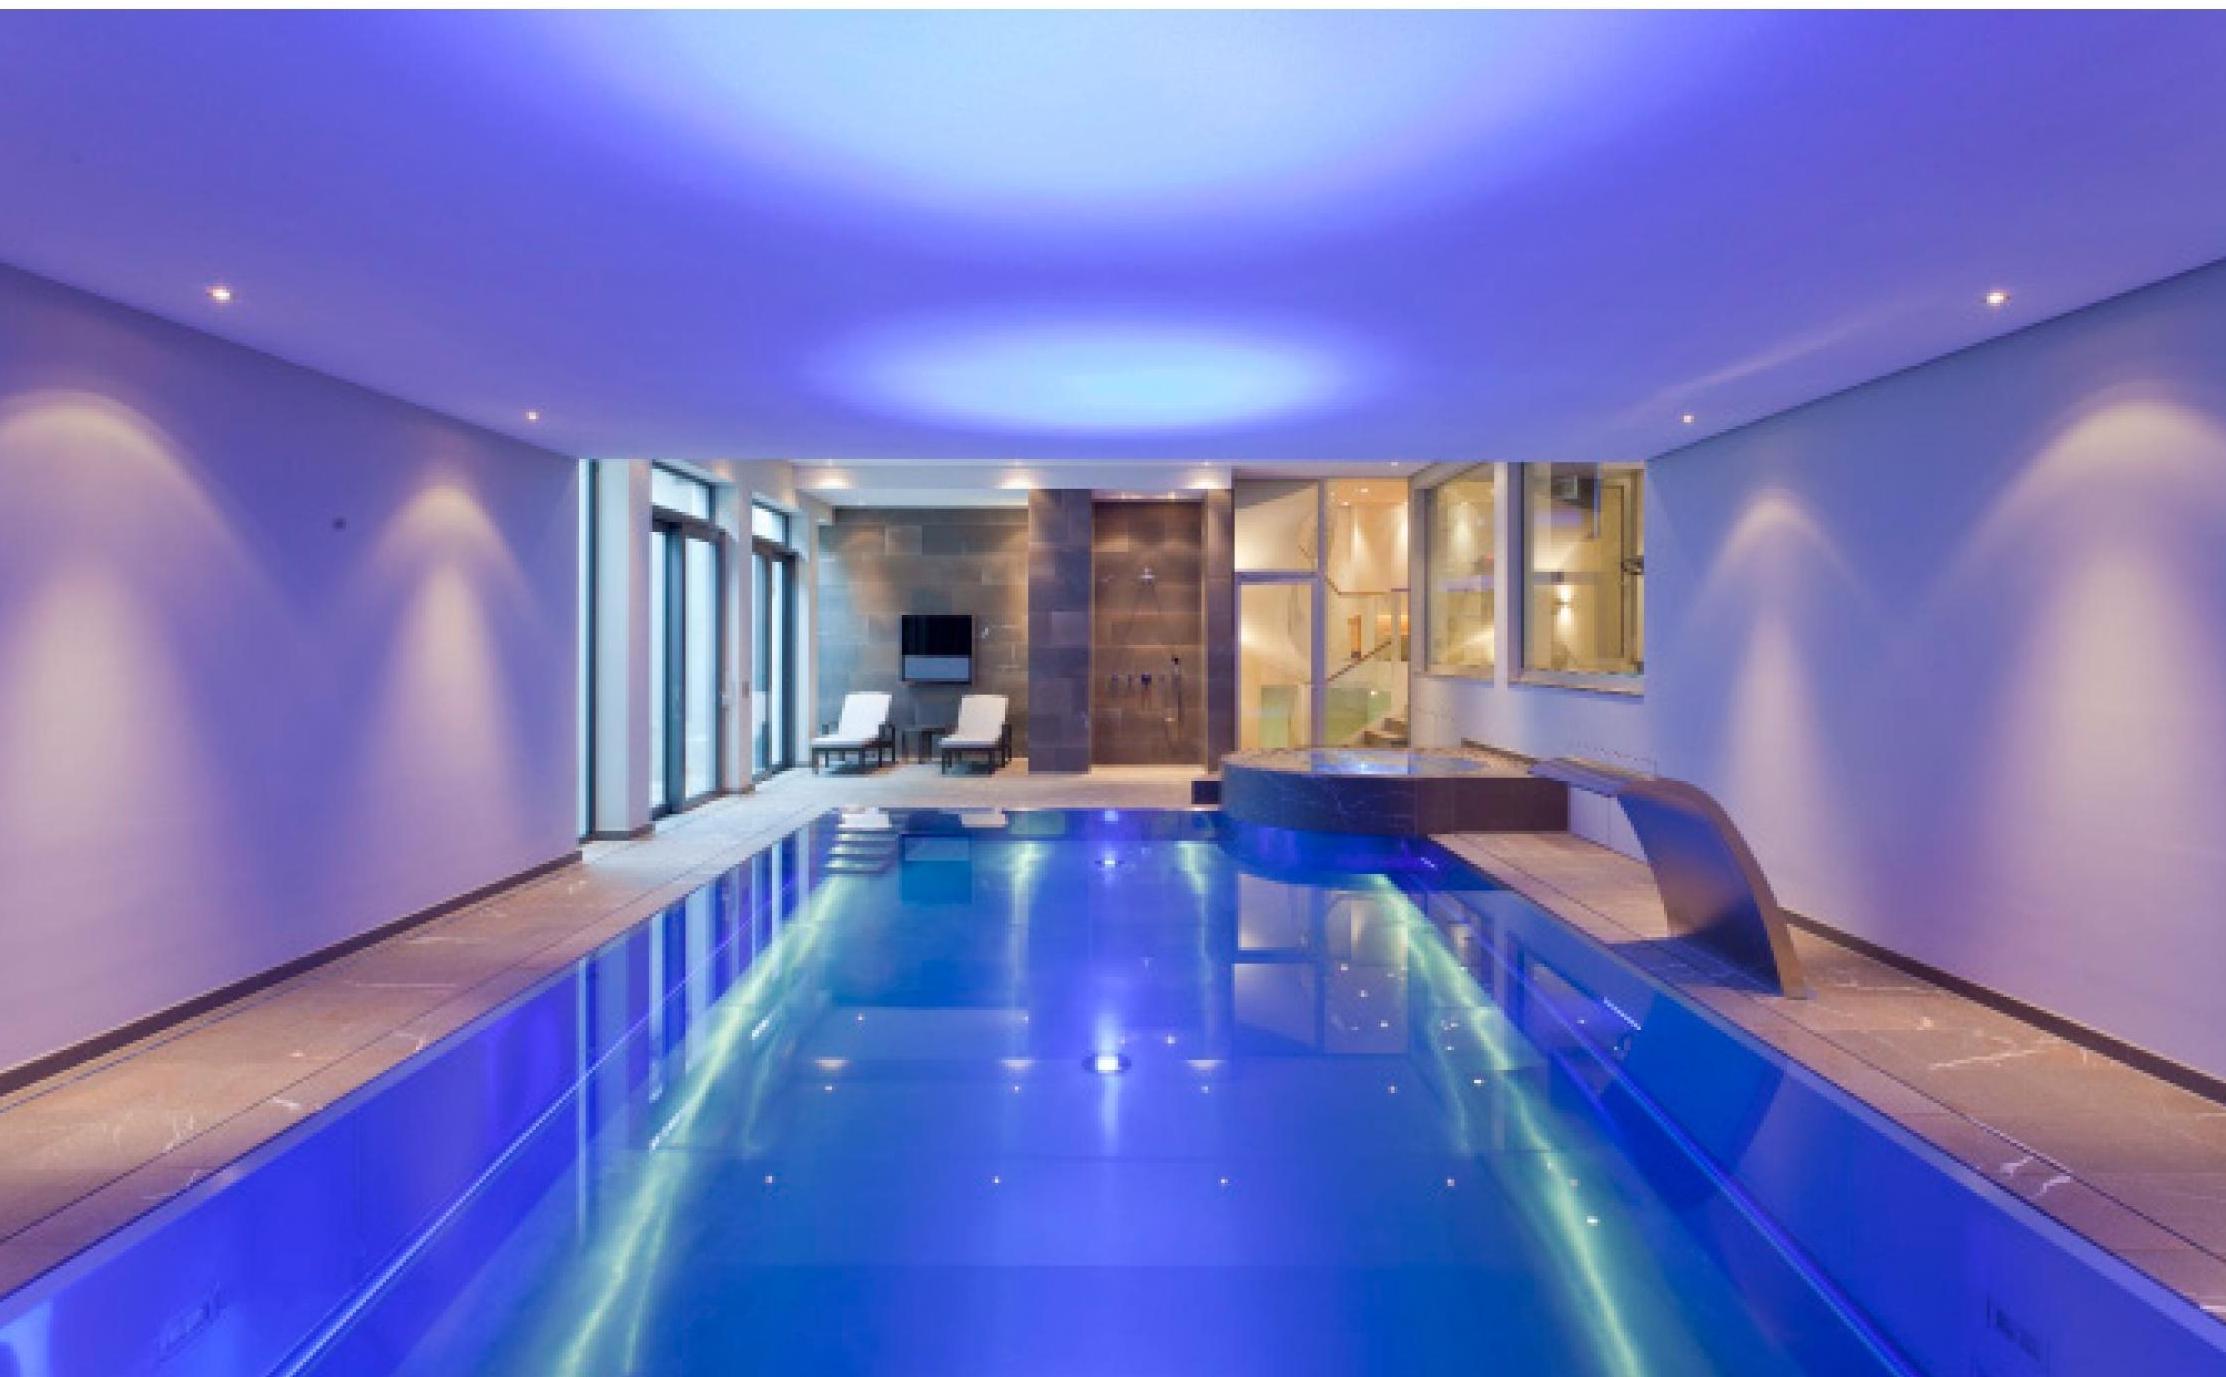 Poolvariante Spa